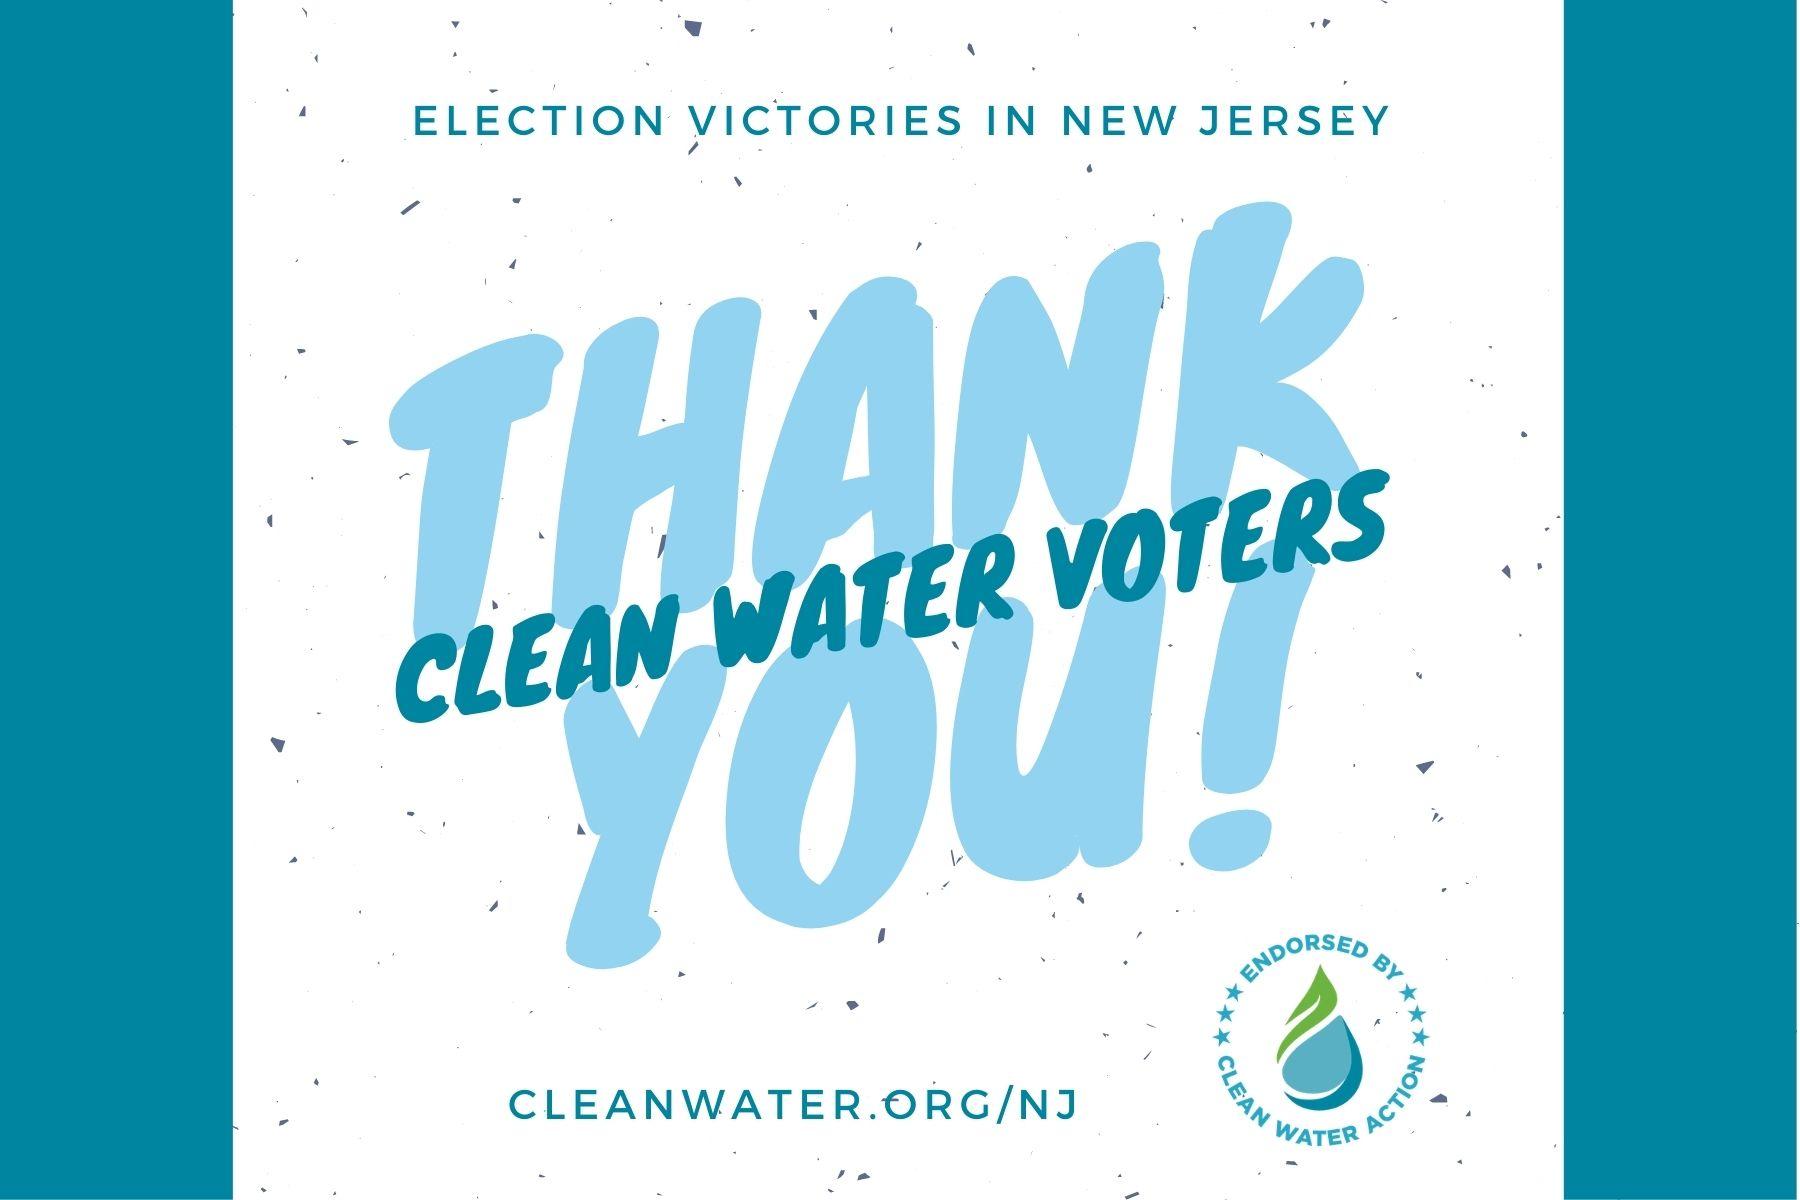 Clean Water Voters - NJ